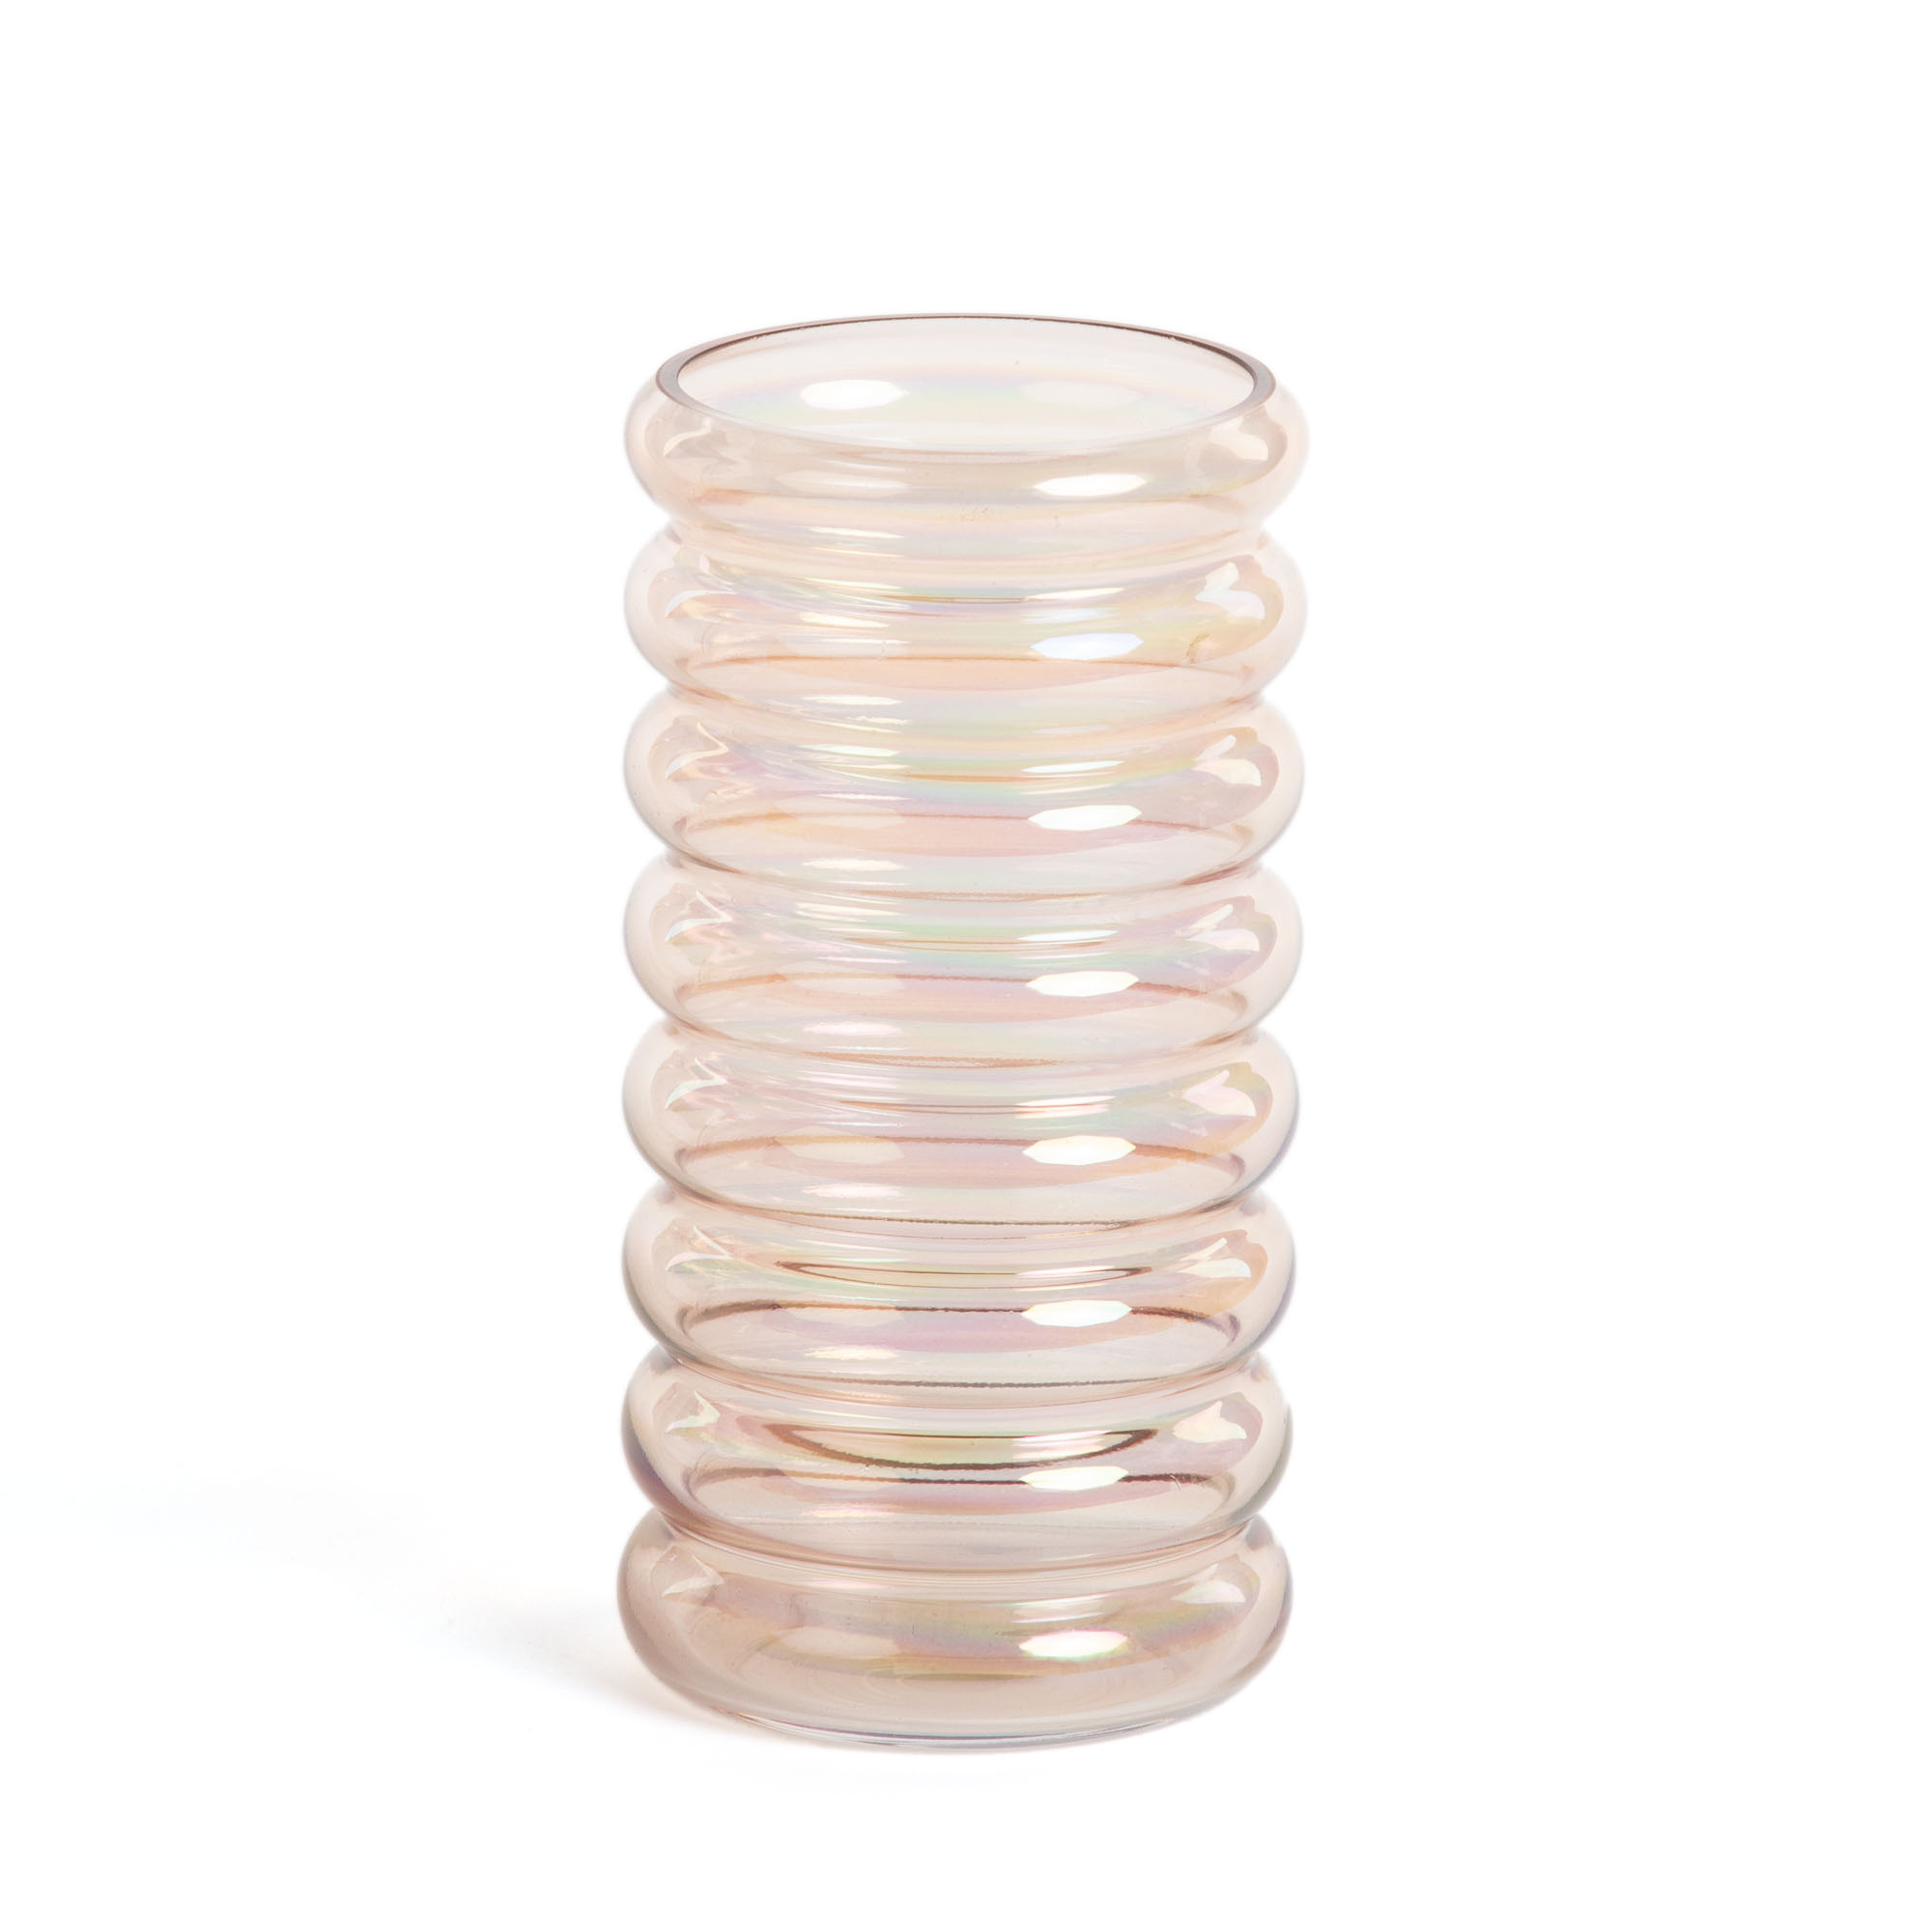 Kave home - vase aureline grand format